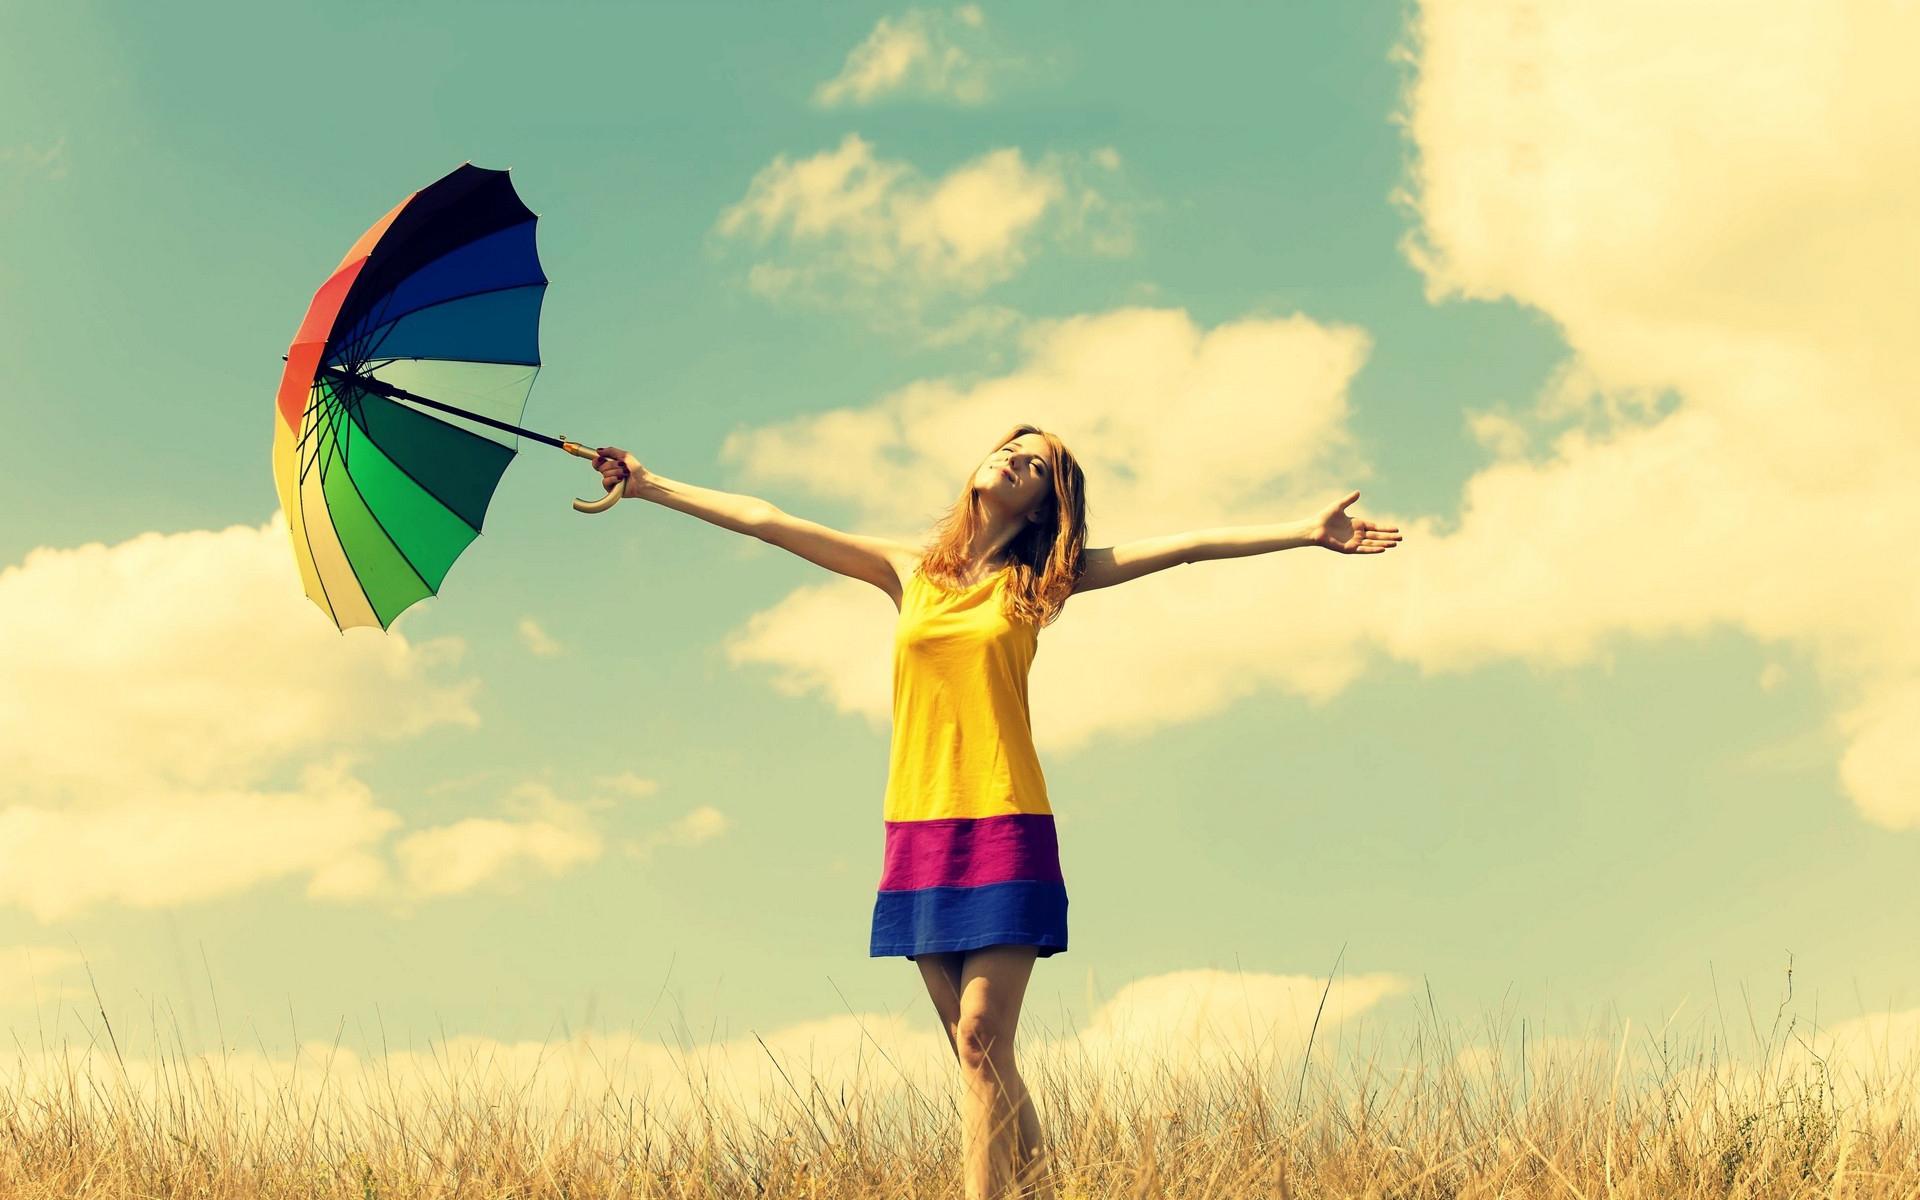 girl-enjoy-summer-sun-wallpaper